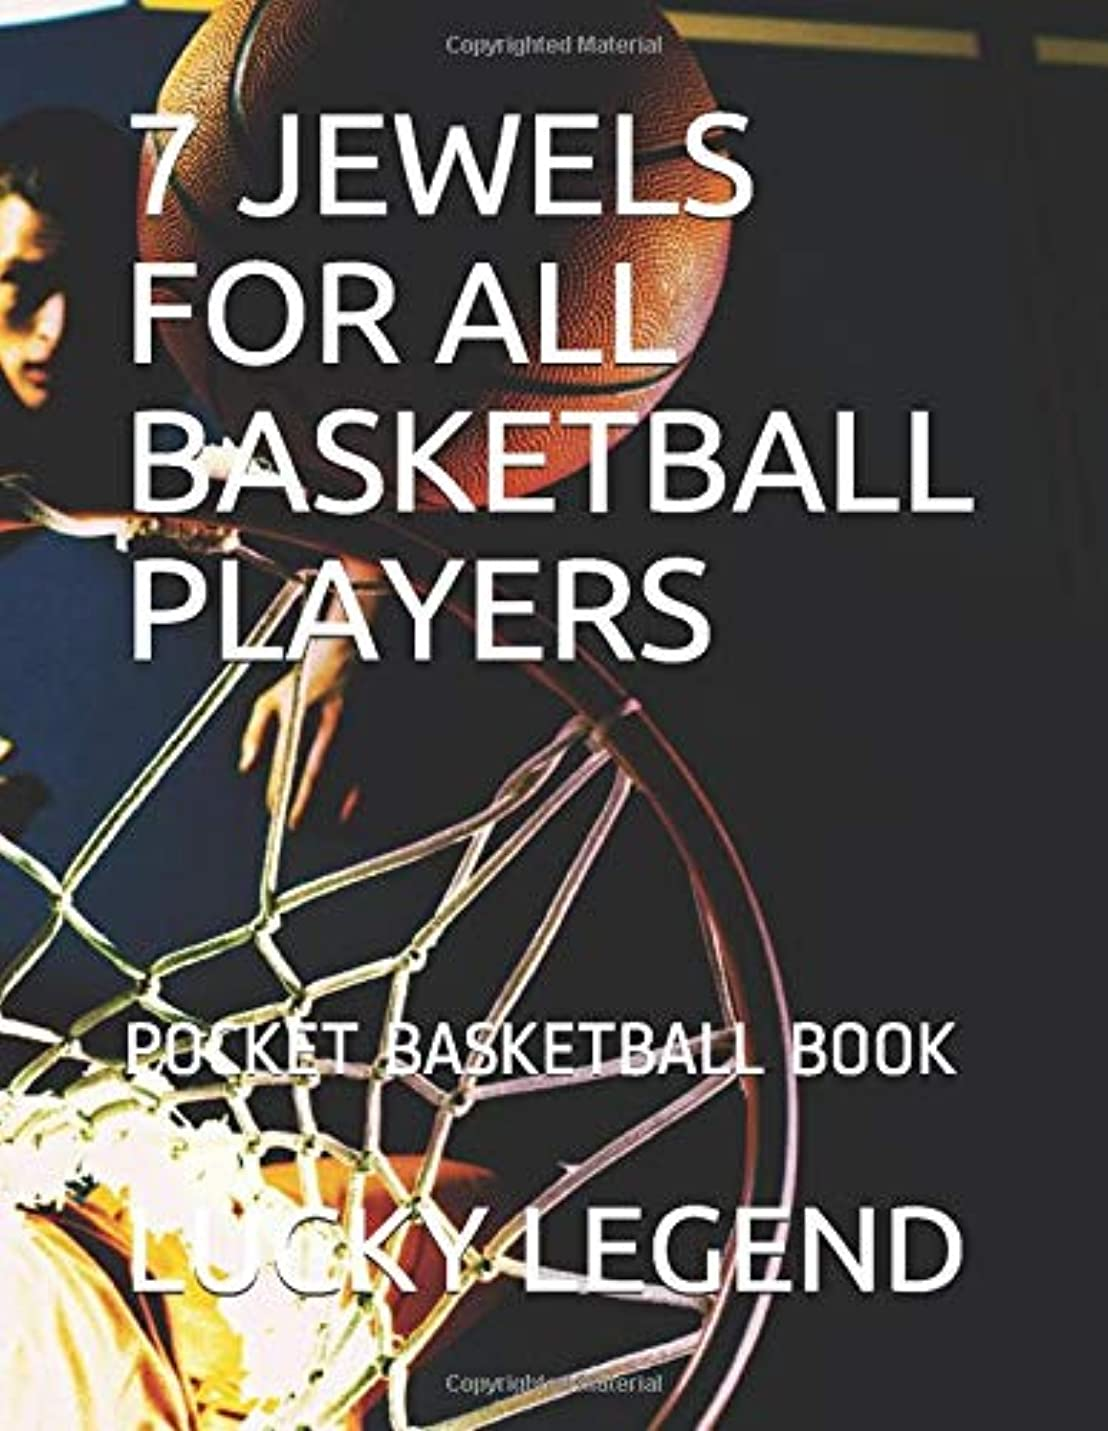 証言ハウジング原理THE 7 BASKETBALL JEWELS: POCKET BASKETBALL BOOK (LEGENDARY SERIES)